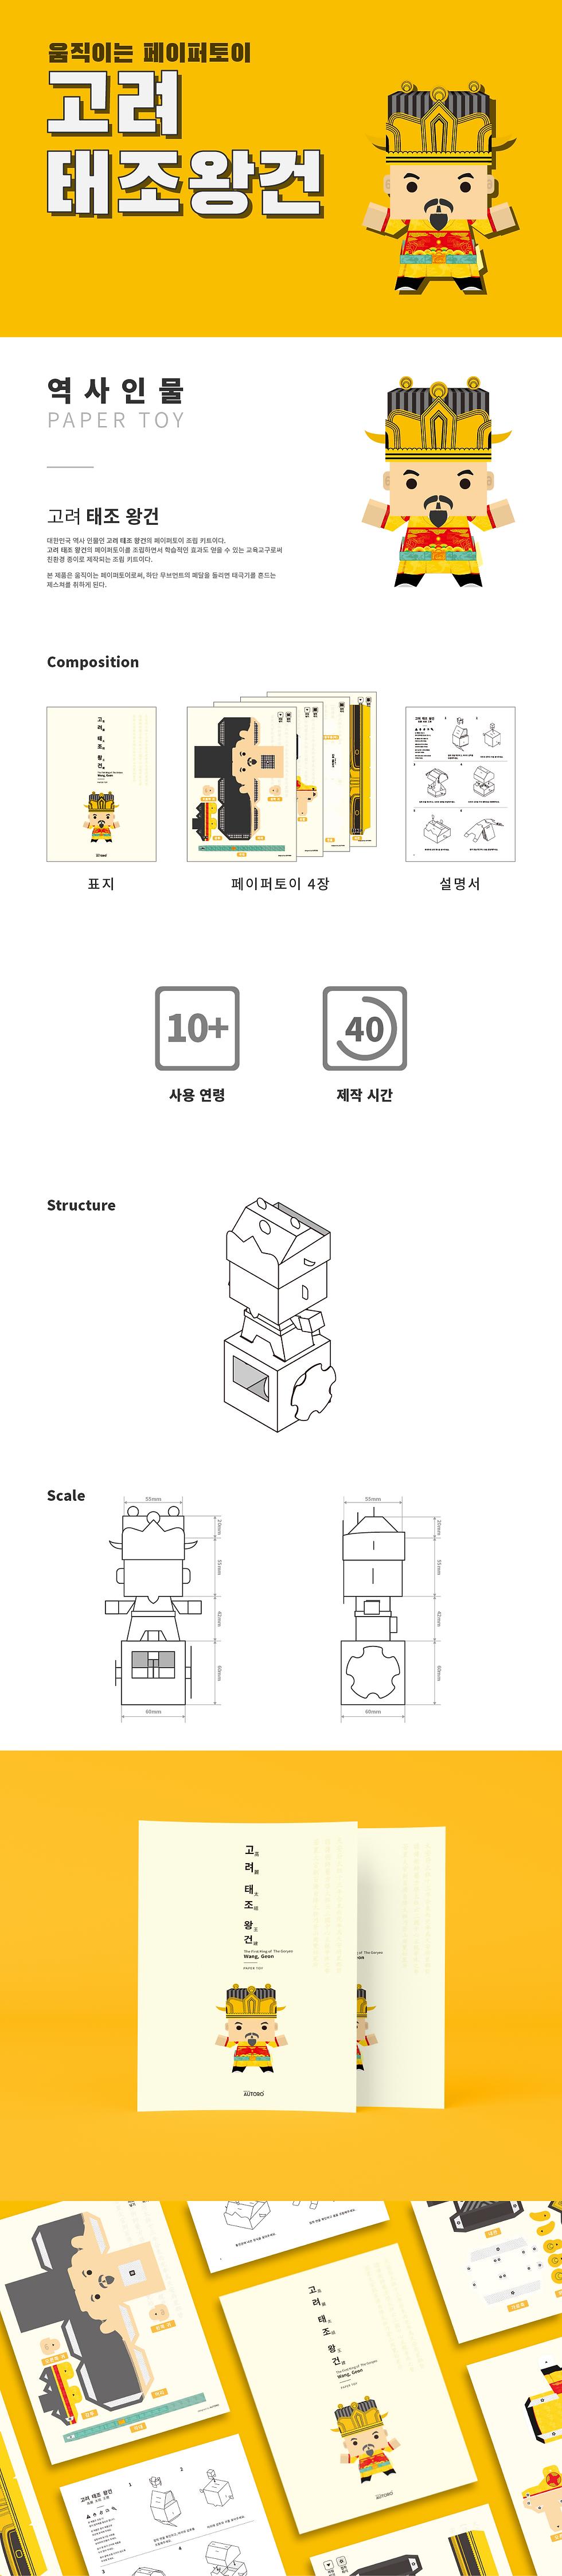 01-04. 고려 태조 왕건_무브먼트_상세페이지.png